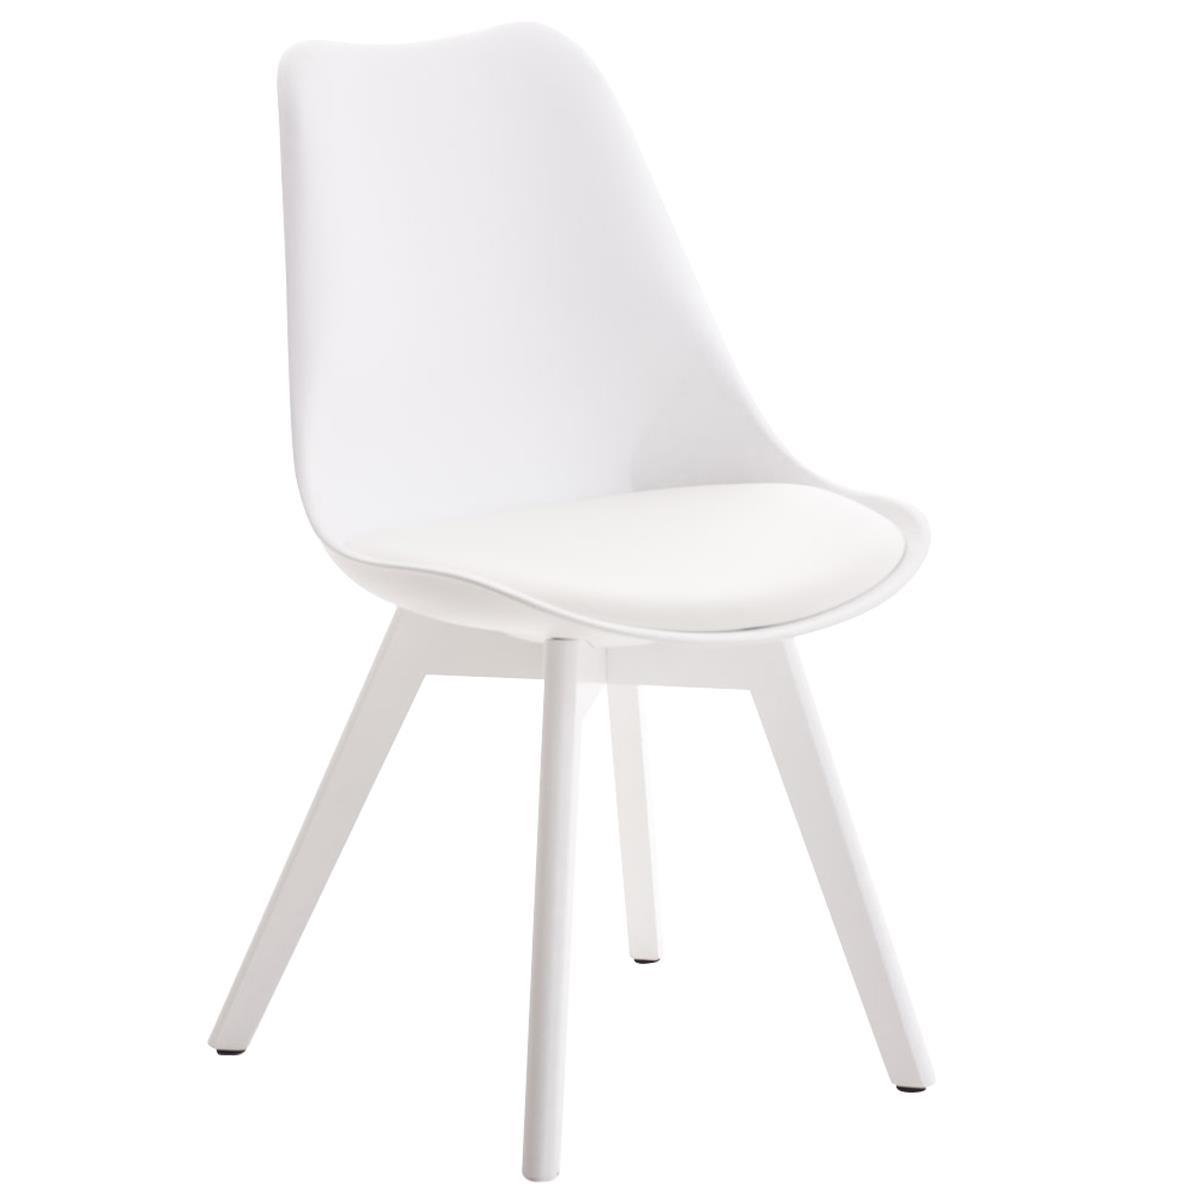 Sillas blancas comedor silla moderna tribecca polipiel for Sillas blancas tapizadas